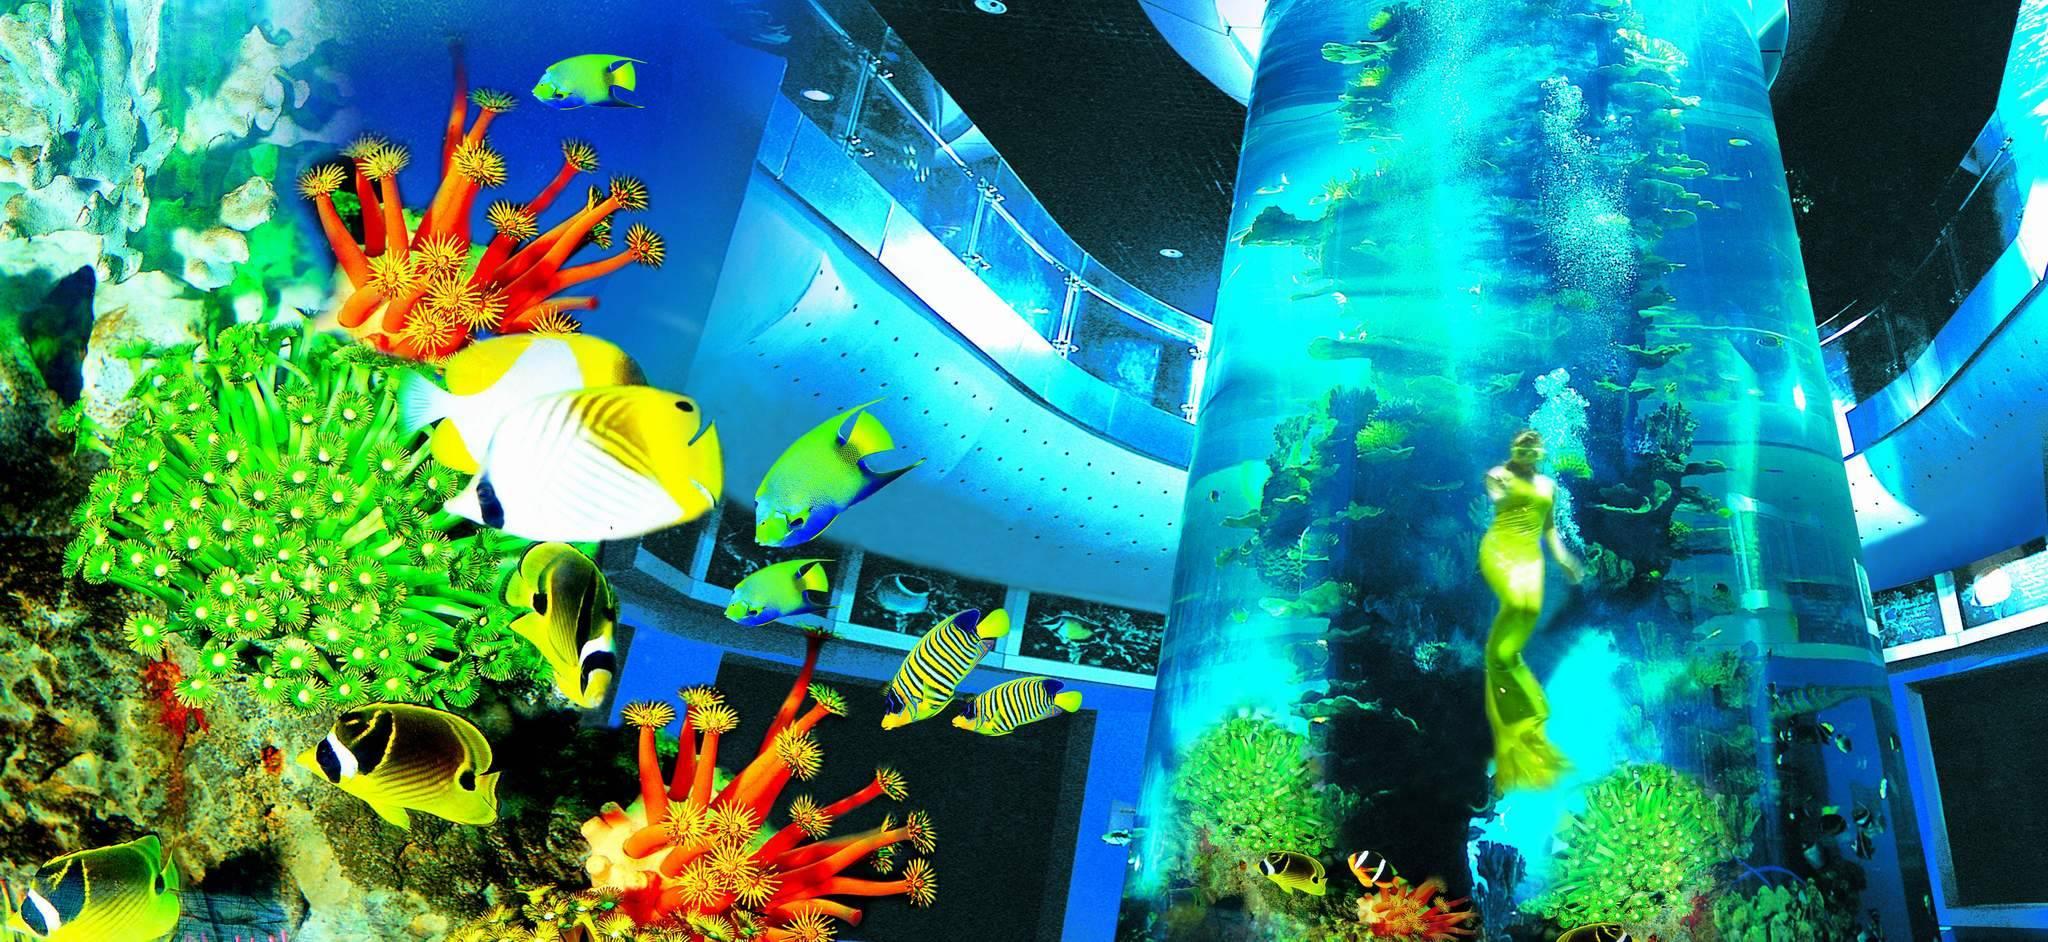 壁纸 海底 海底世界 海洋馆 水族馆 2048_942